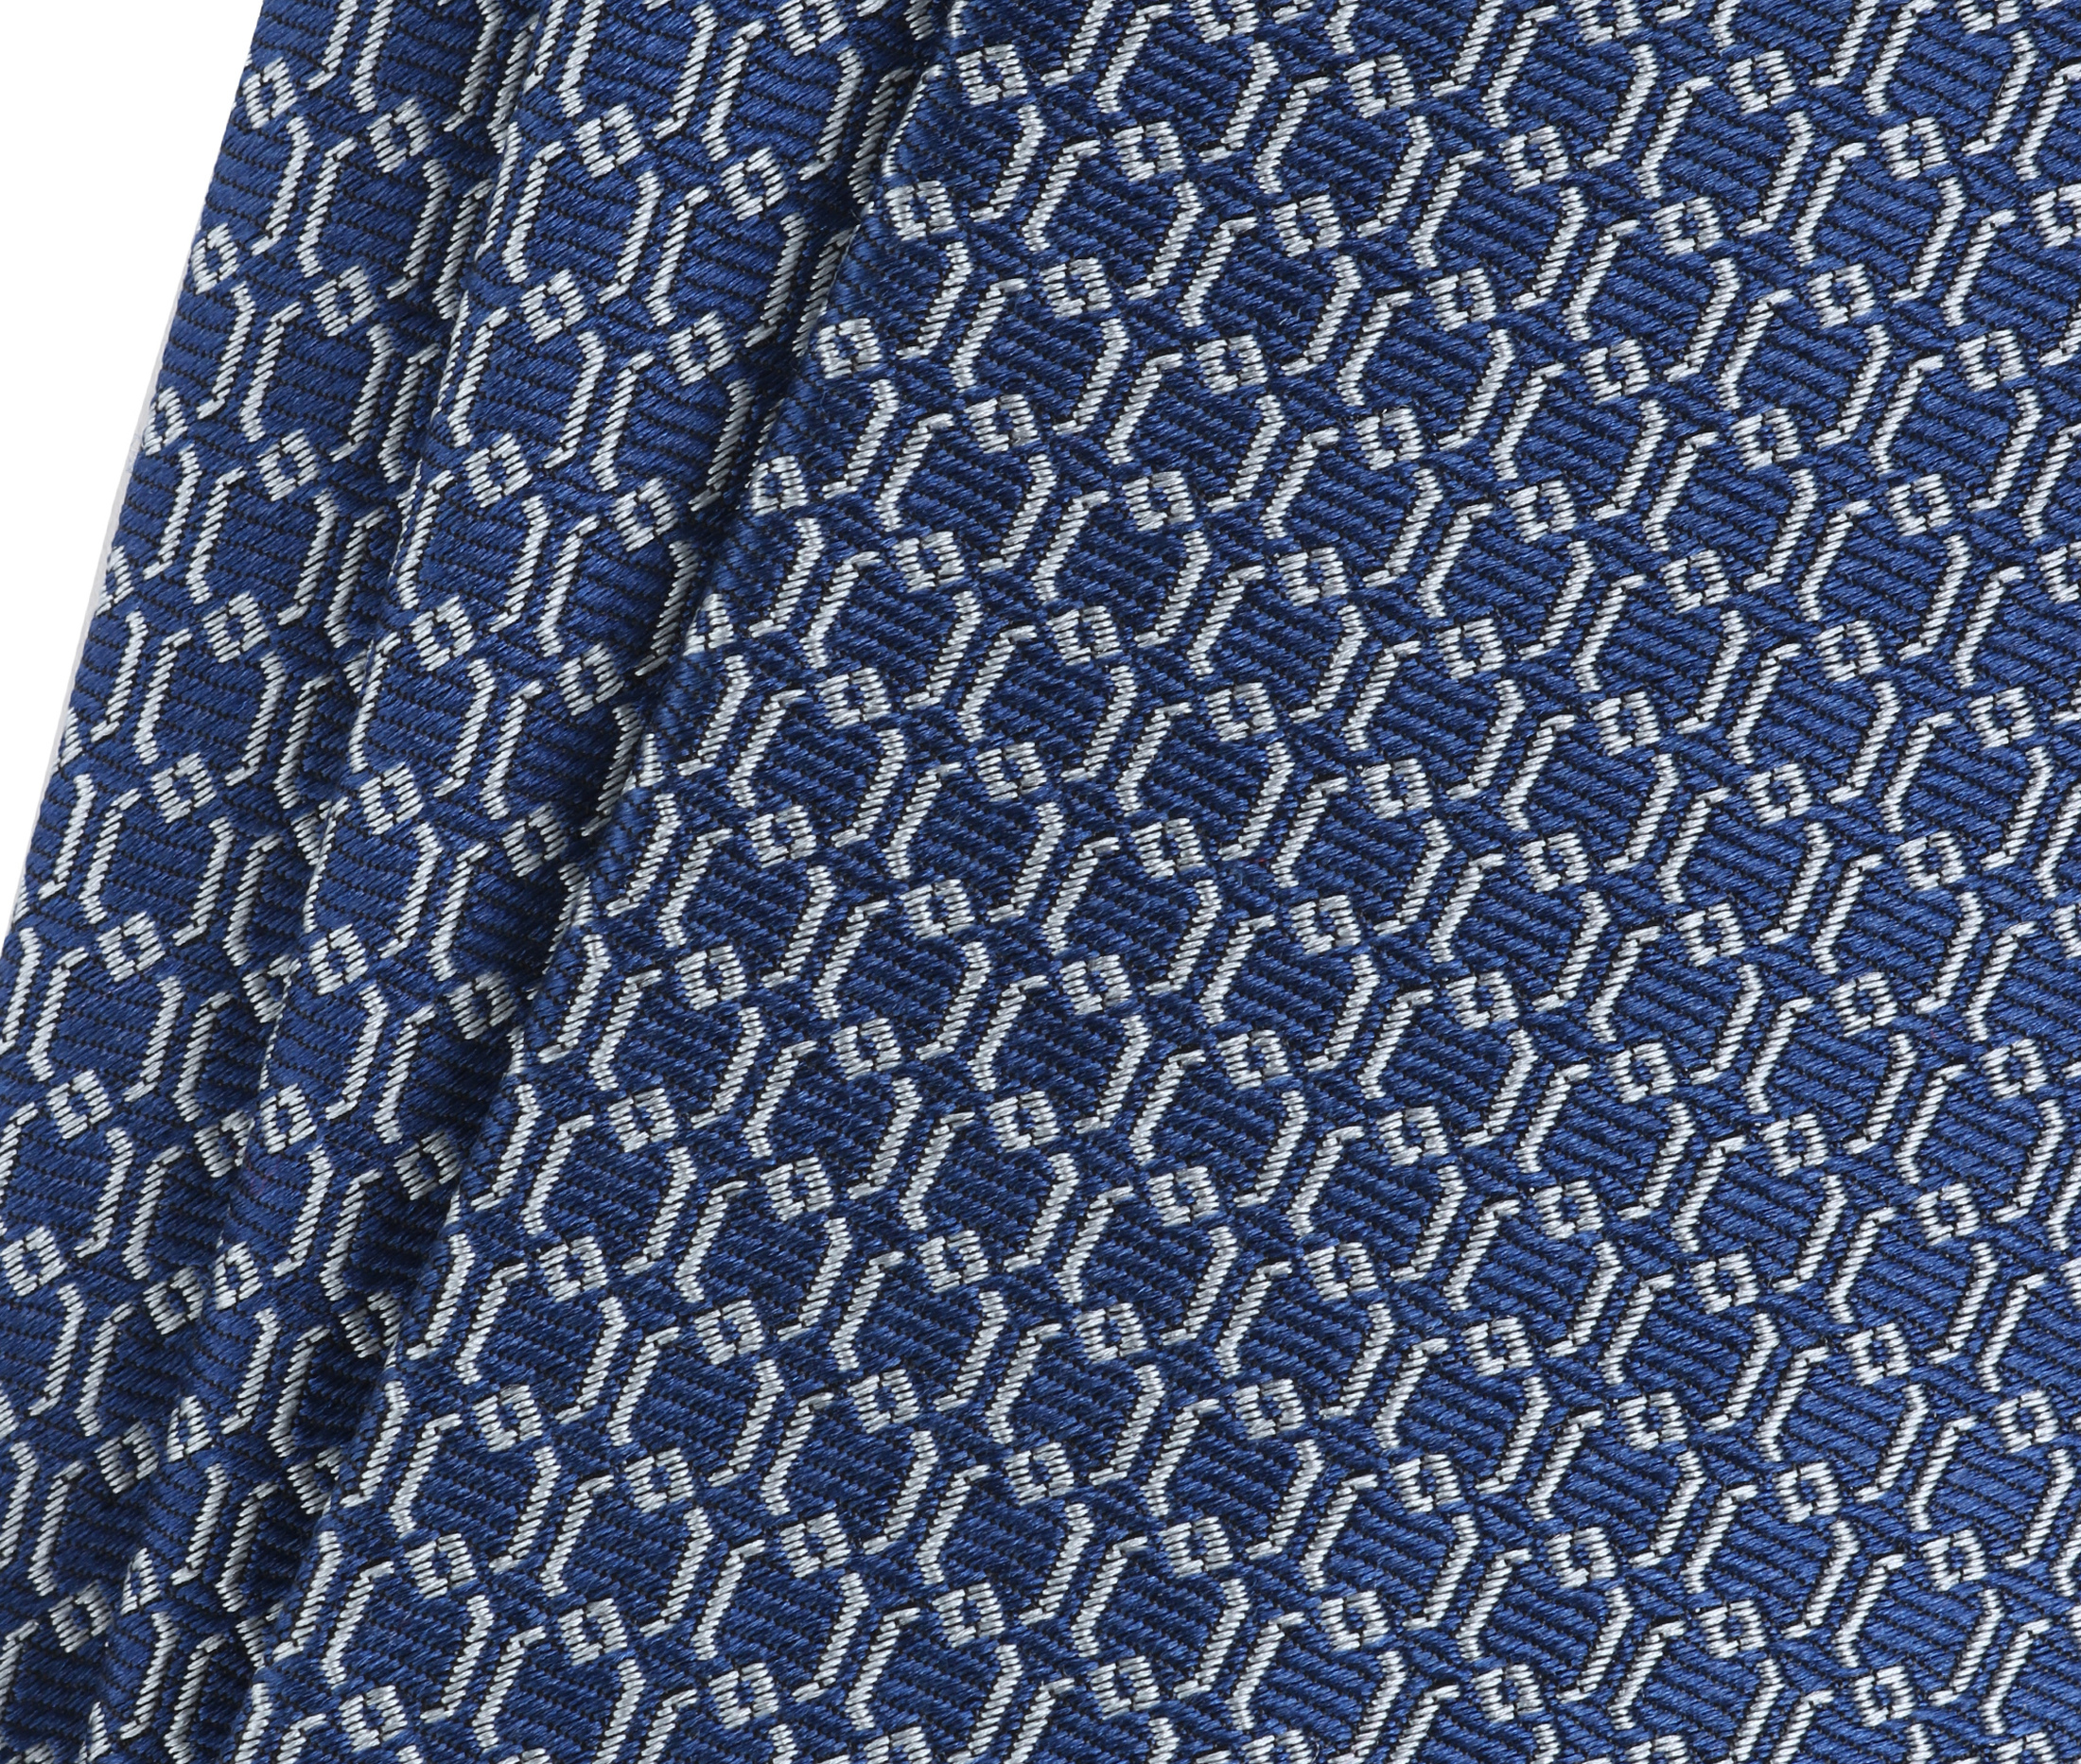 Krawatte Seide Dessin Blau Gitter foto 1